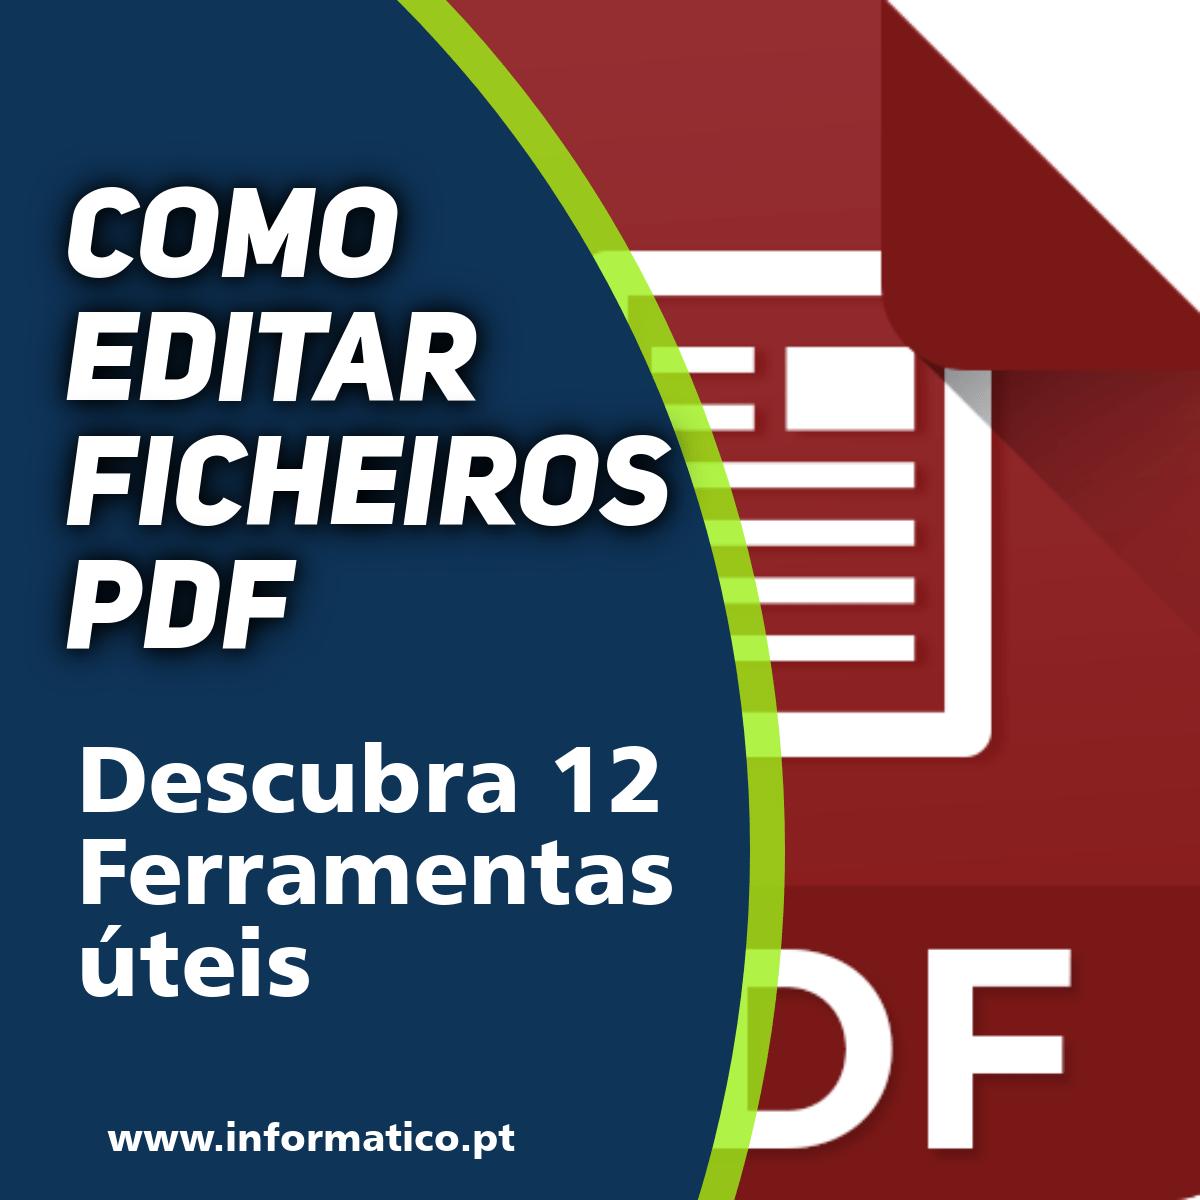 editar ficheiros documentos pdf online gratis